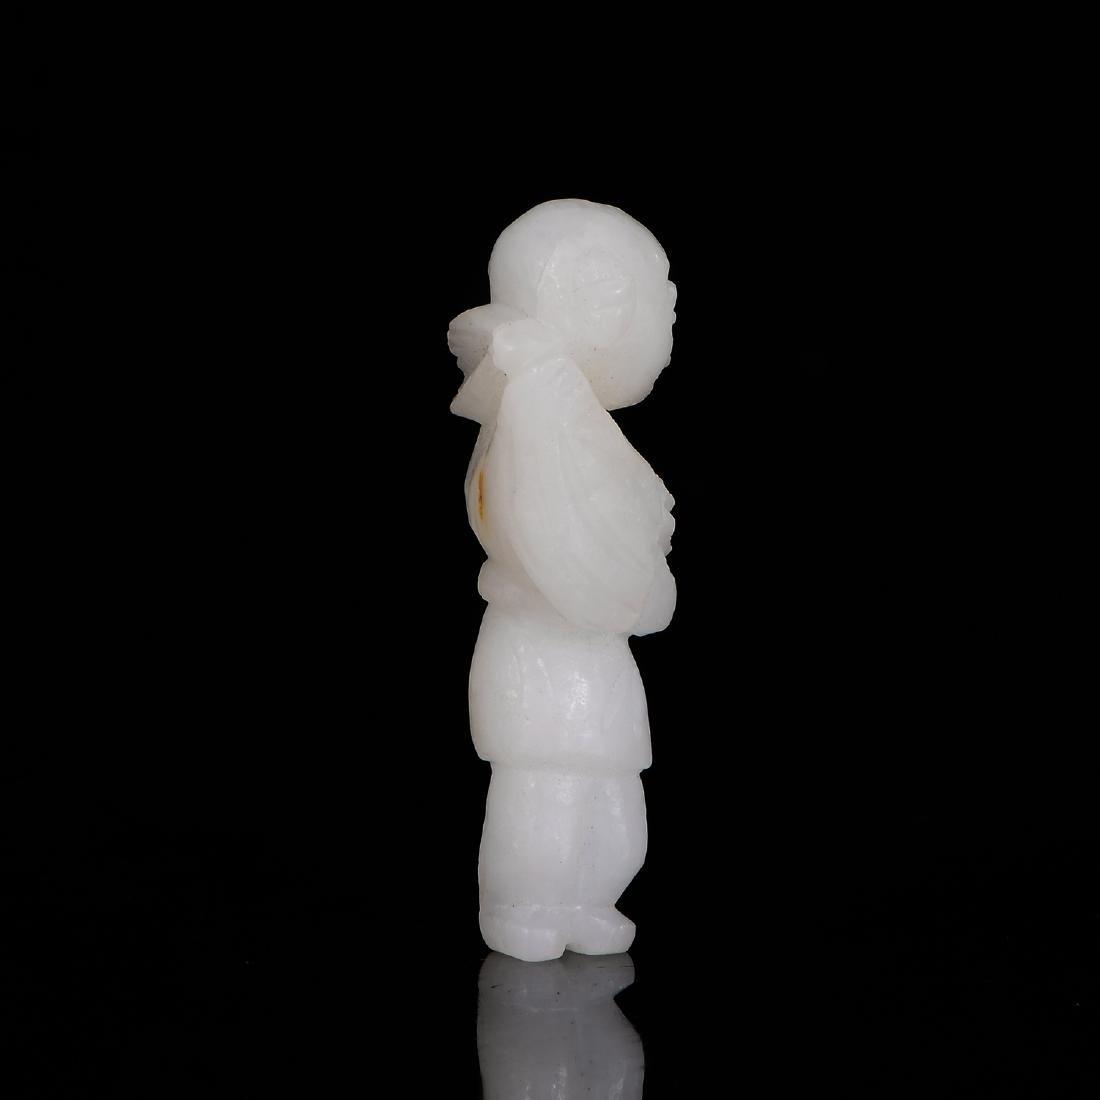 Chinese Qing Dynasty  Hetian White Jade  Nephrite Statu - 7